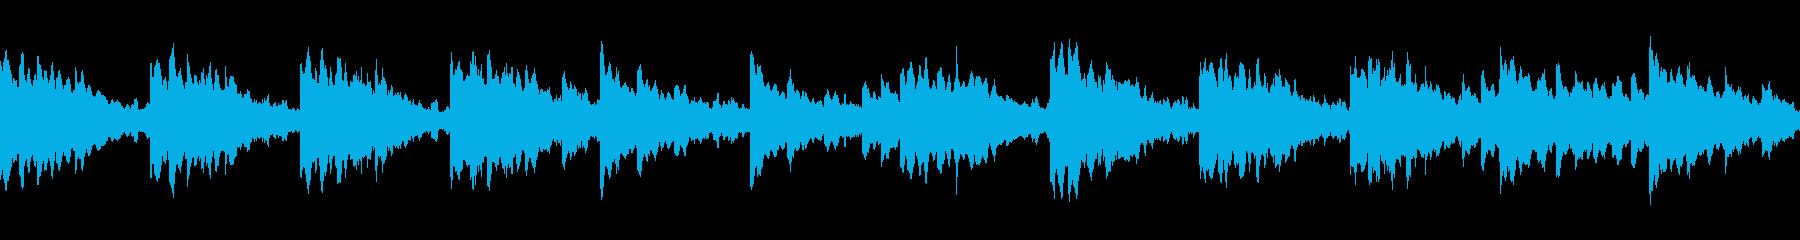 ループ仕様の癒されるヒーリングBGMの再生済みの波形